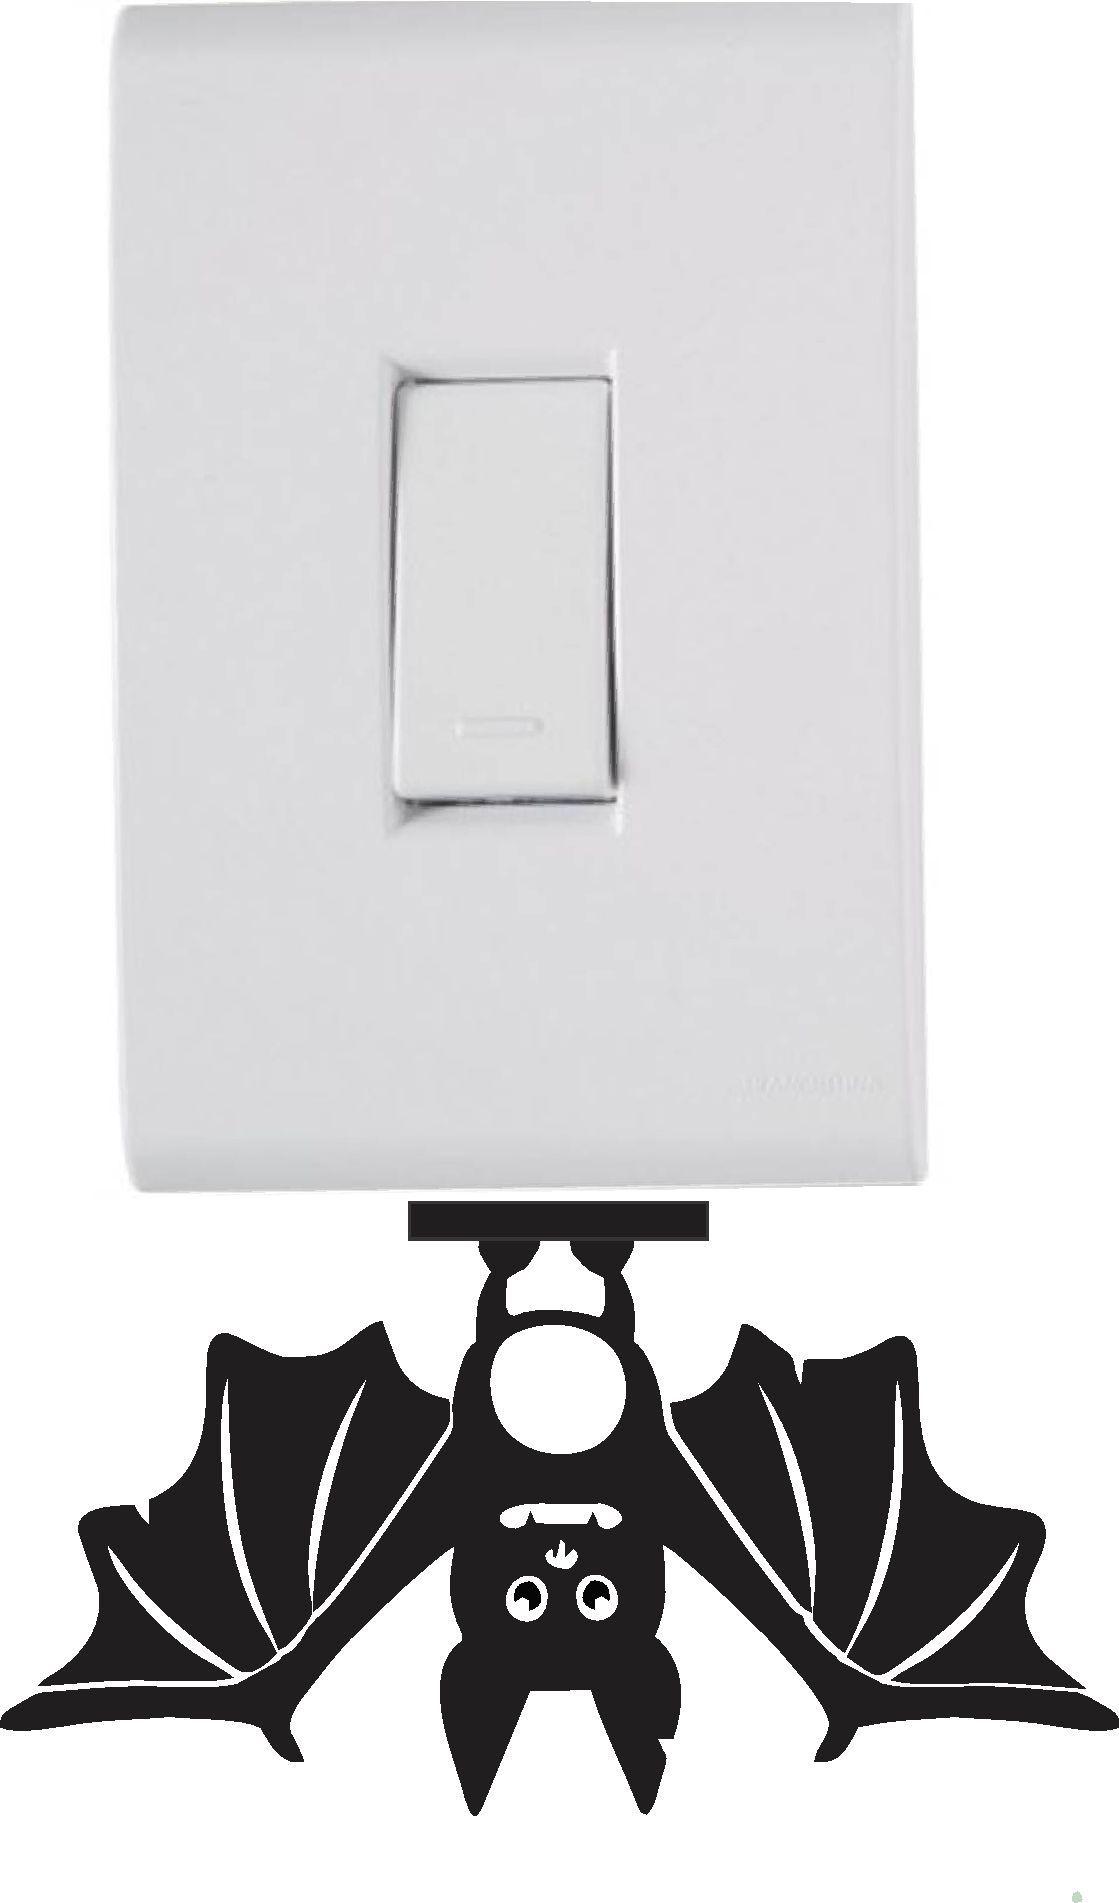 Adesivo de Interruptor e Tomada - Morcego